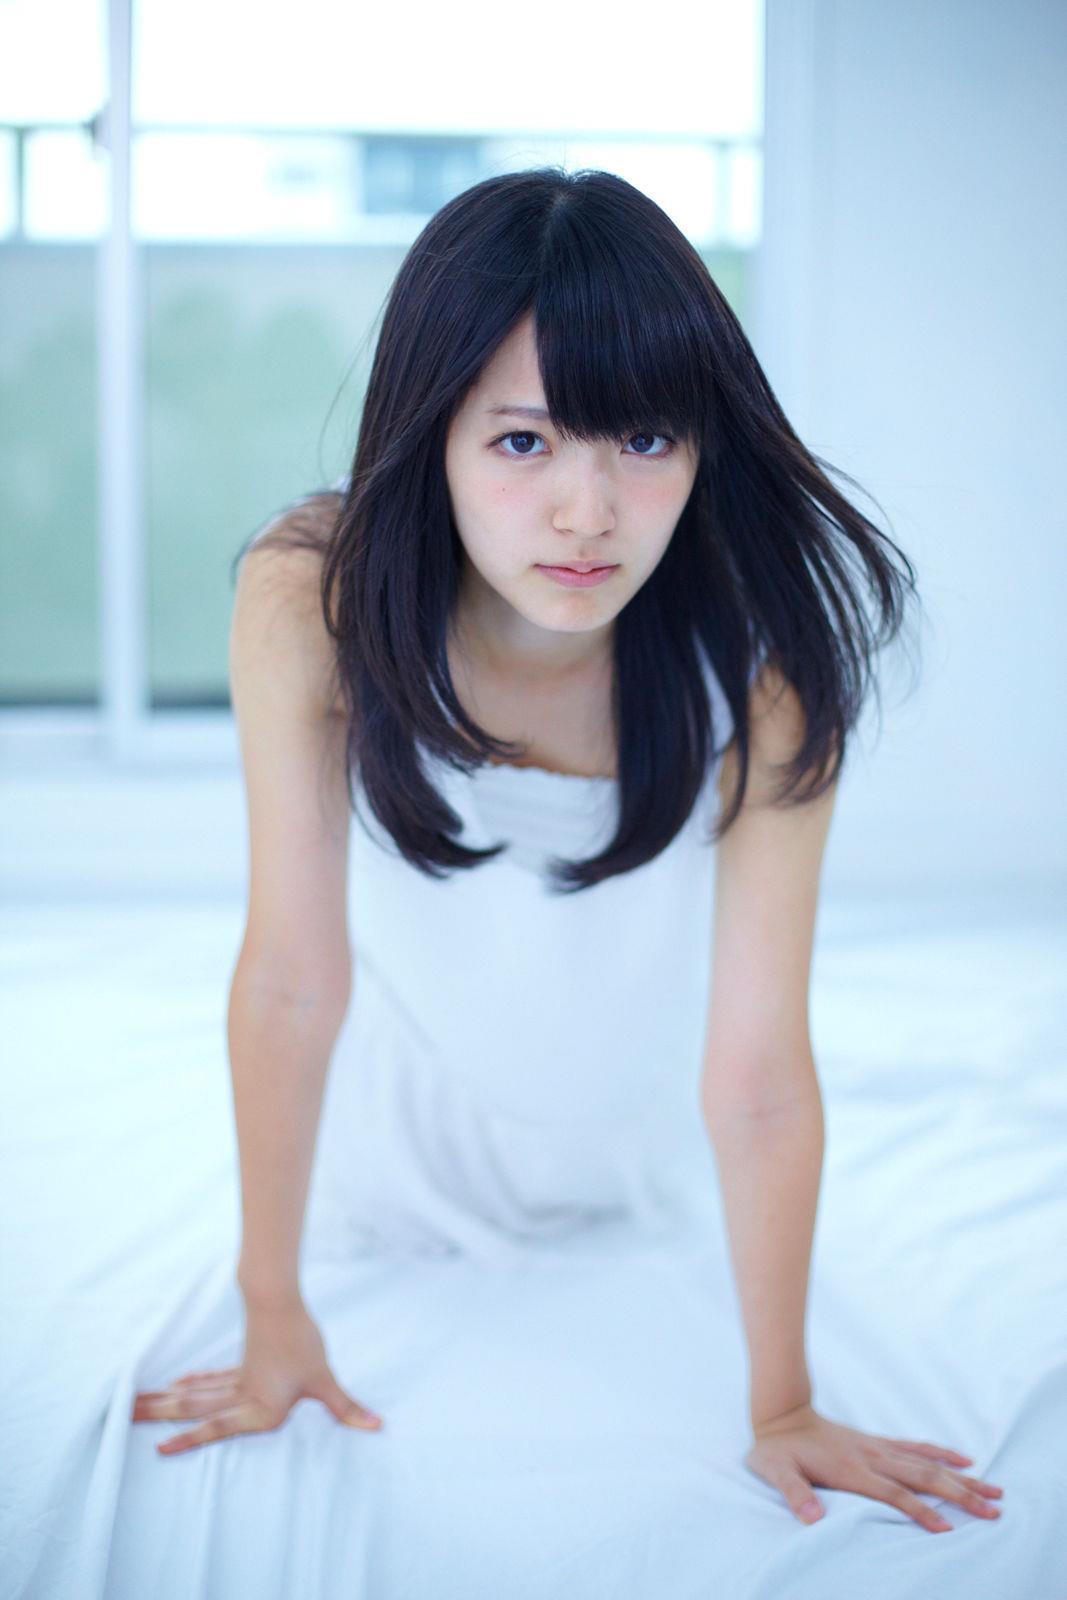 鈴木愛理(℃-ute) セクシー画像 37